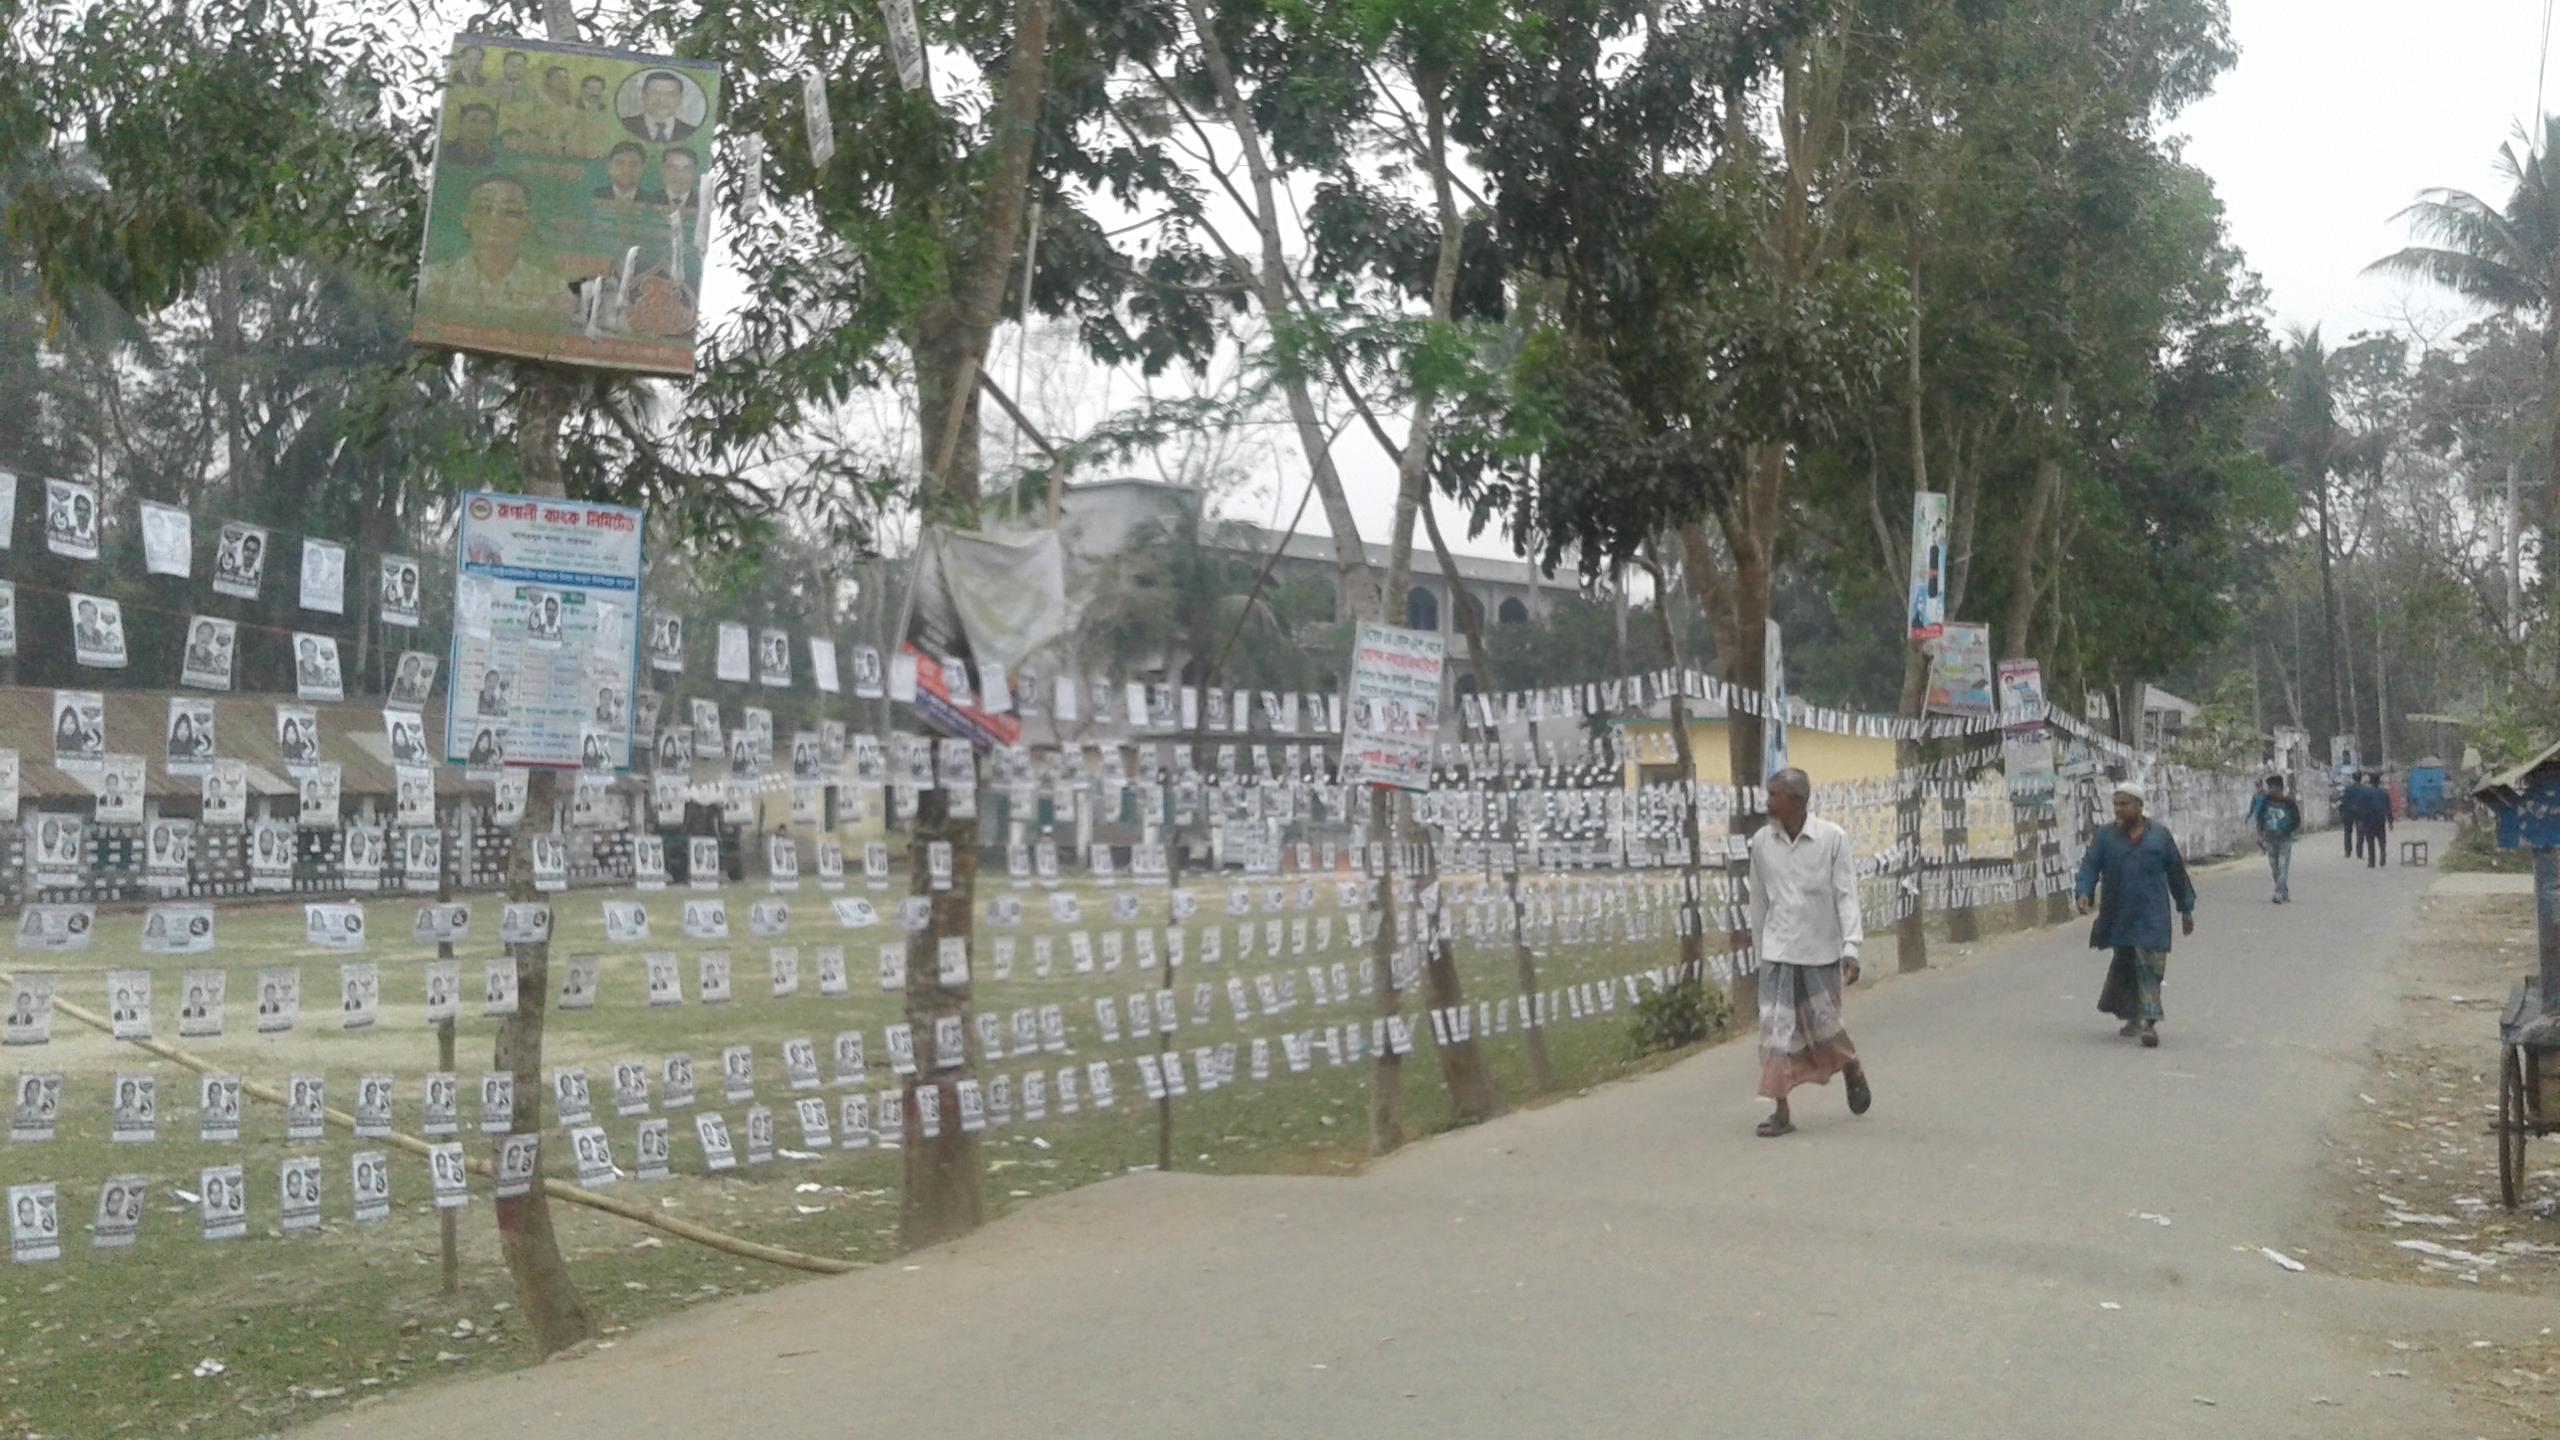 বাবুগঞ্জের আগরপুরে নজির বিহীন নিরাপত্তায় হাইস্কুলের ম্যানেজিং কমিটি নির্বাচন সম্পন্ন